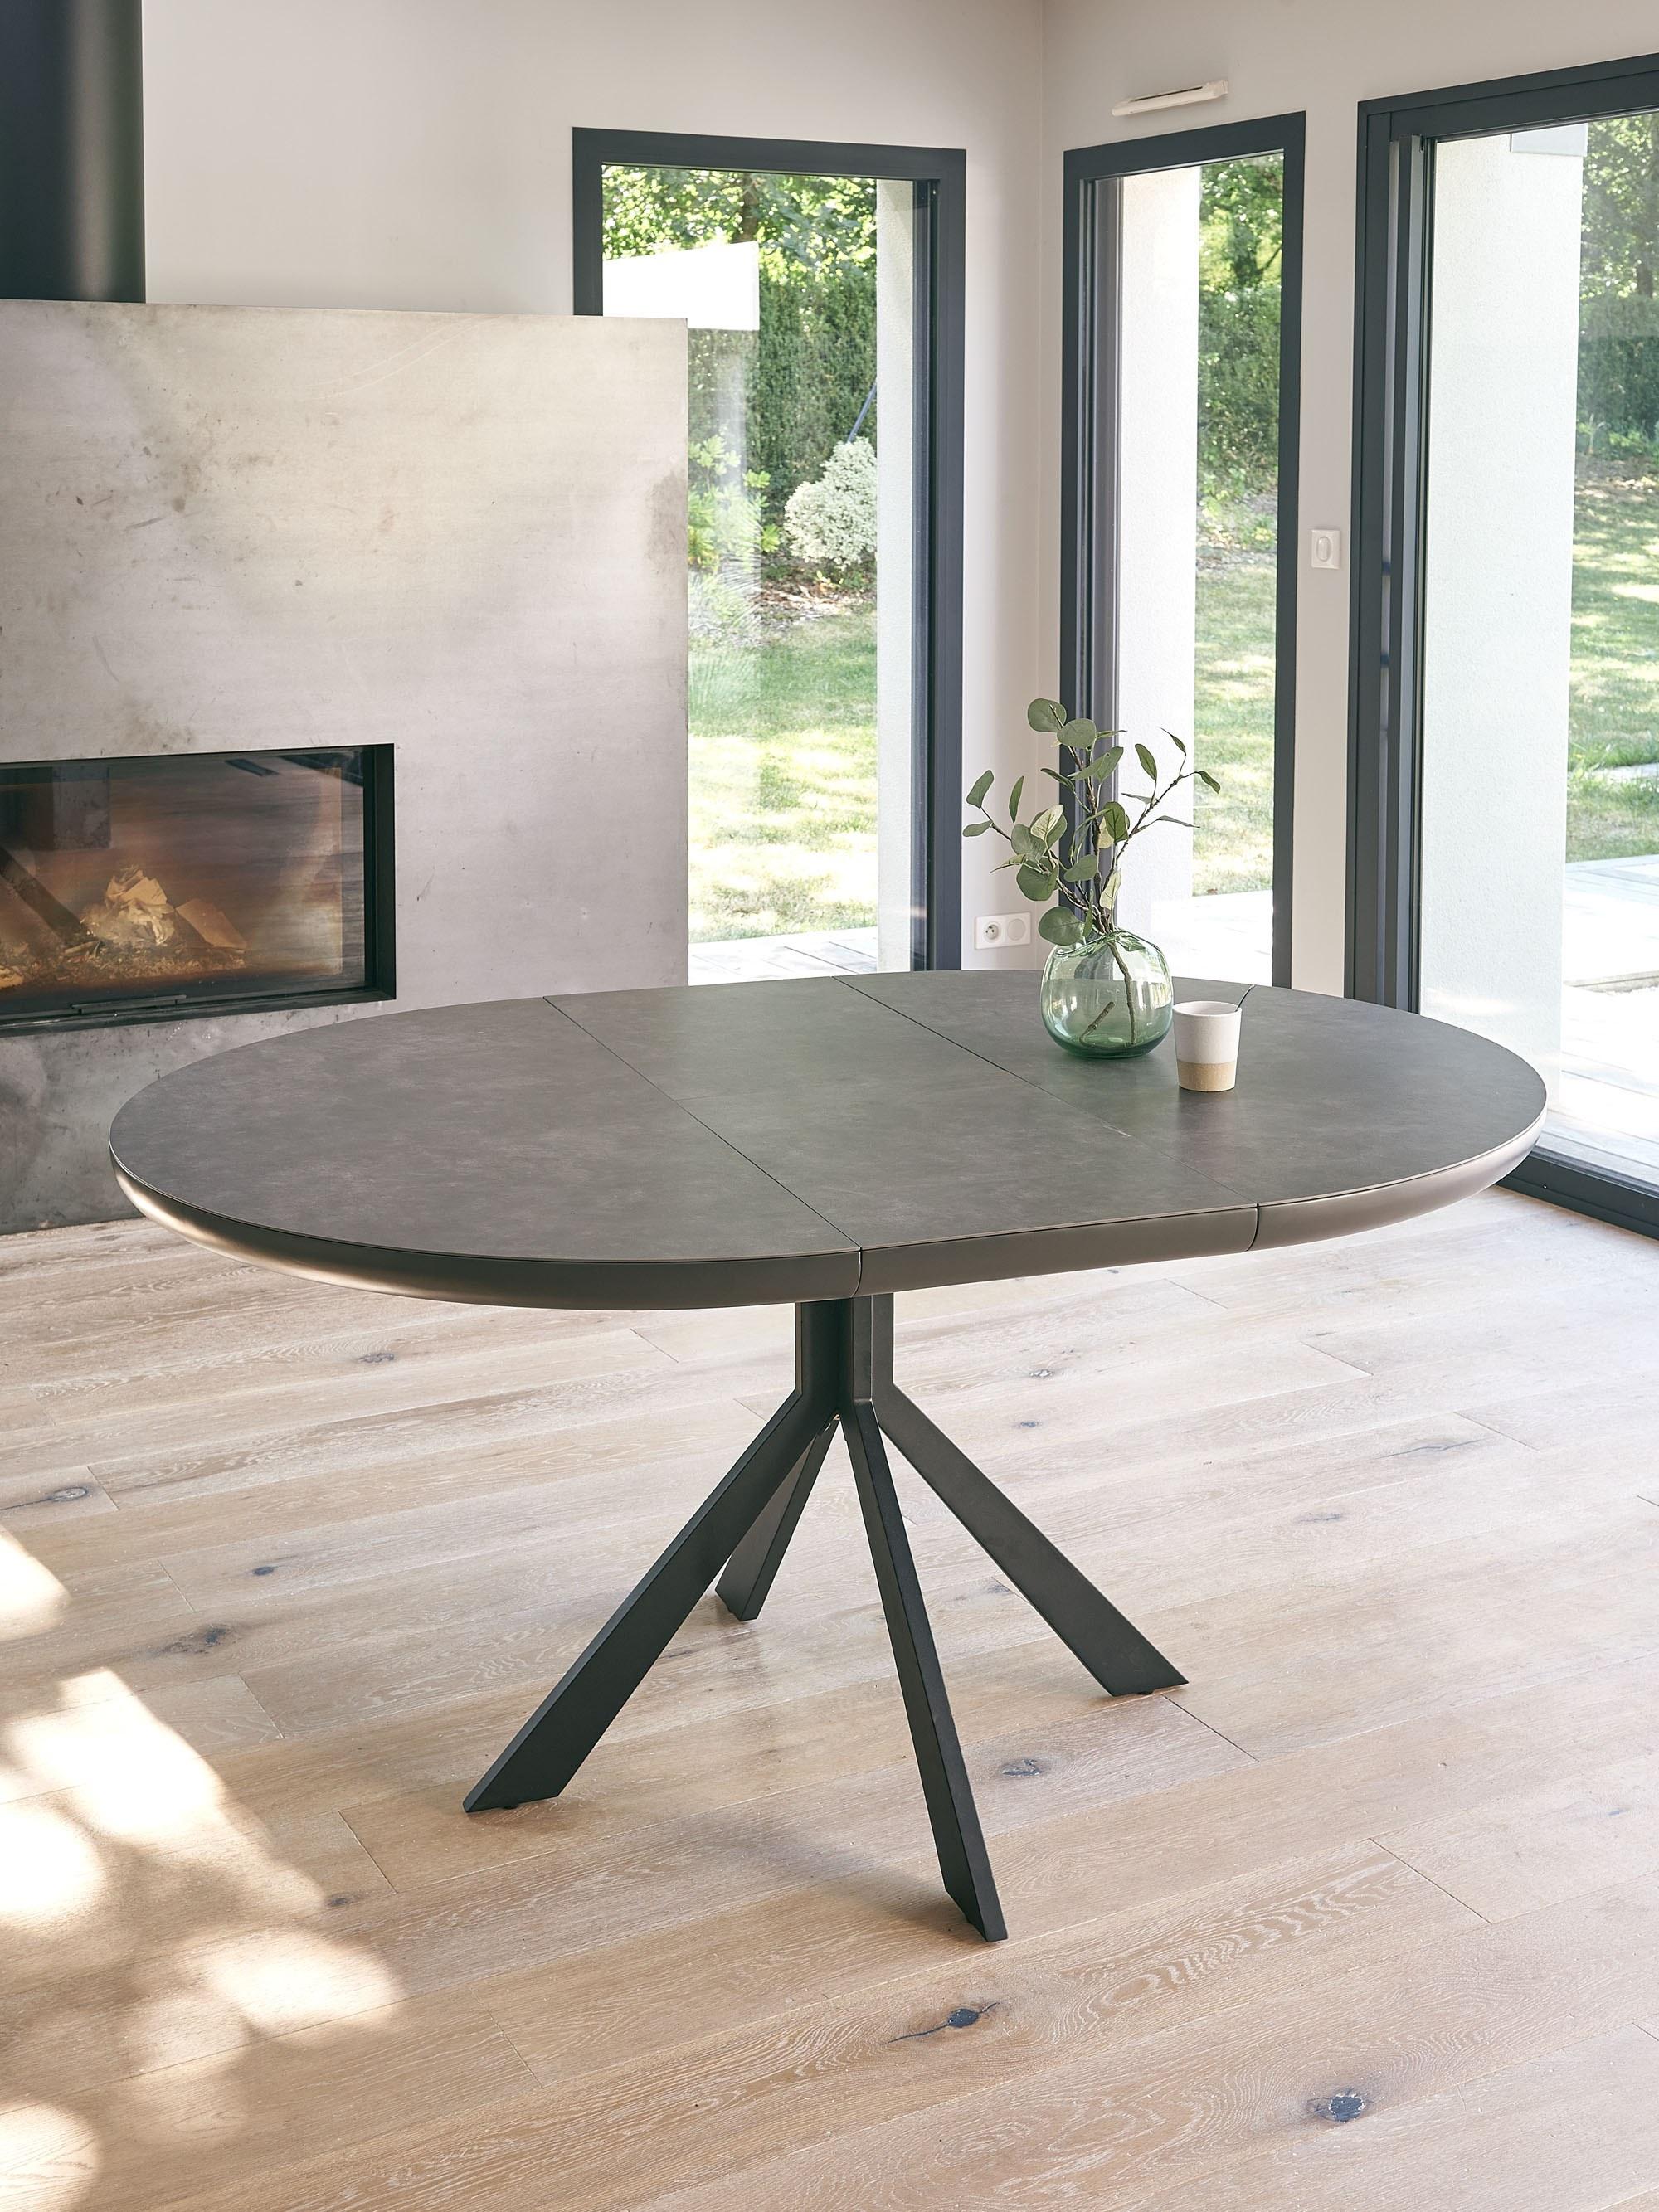 table ronde céramique grise avec allonge papillon central